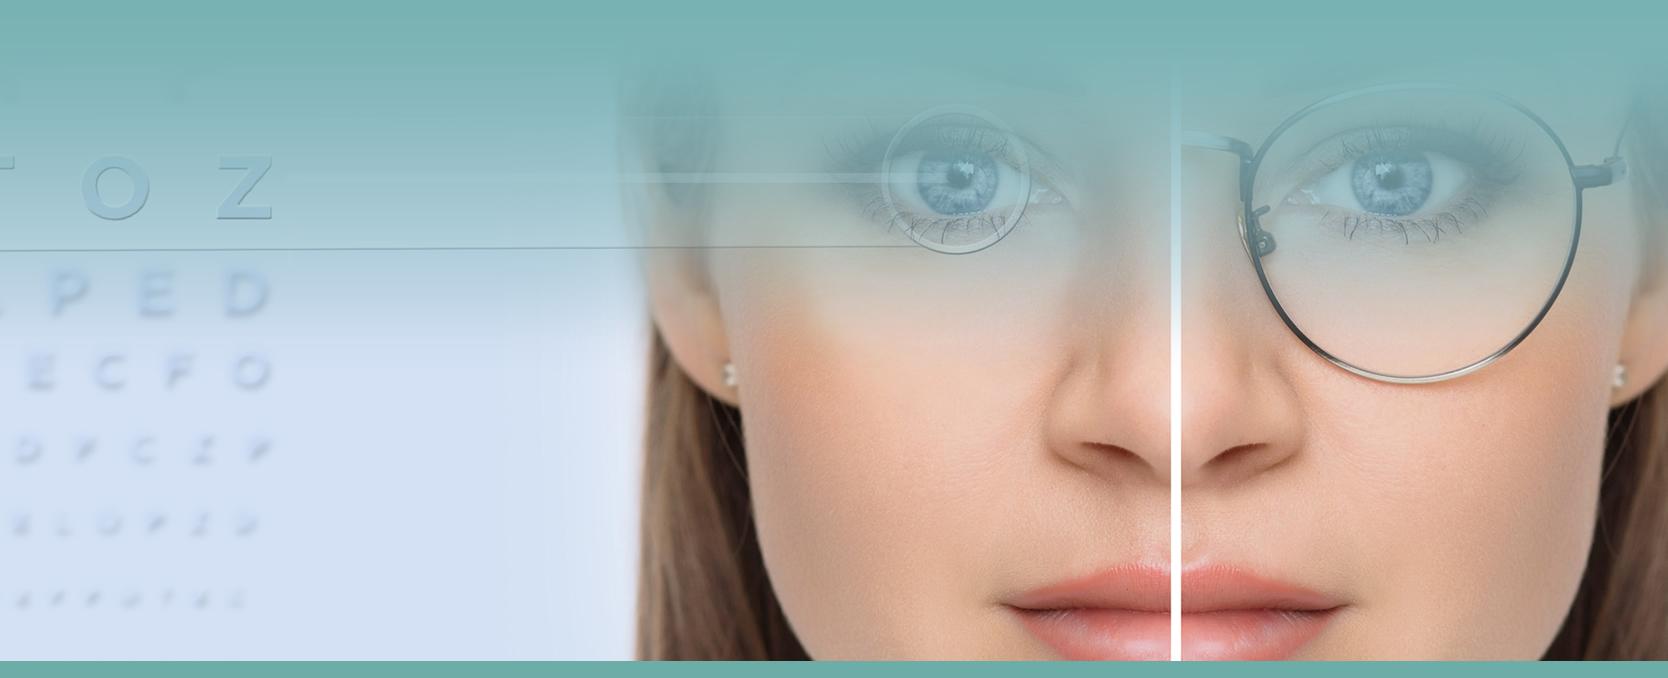 amil consulta oftalmologista